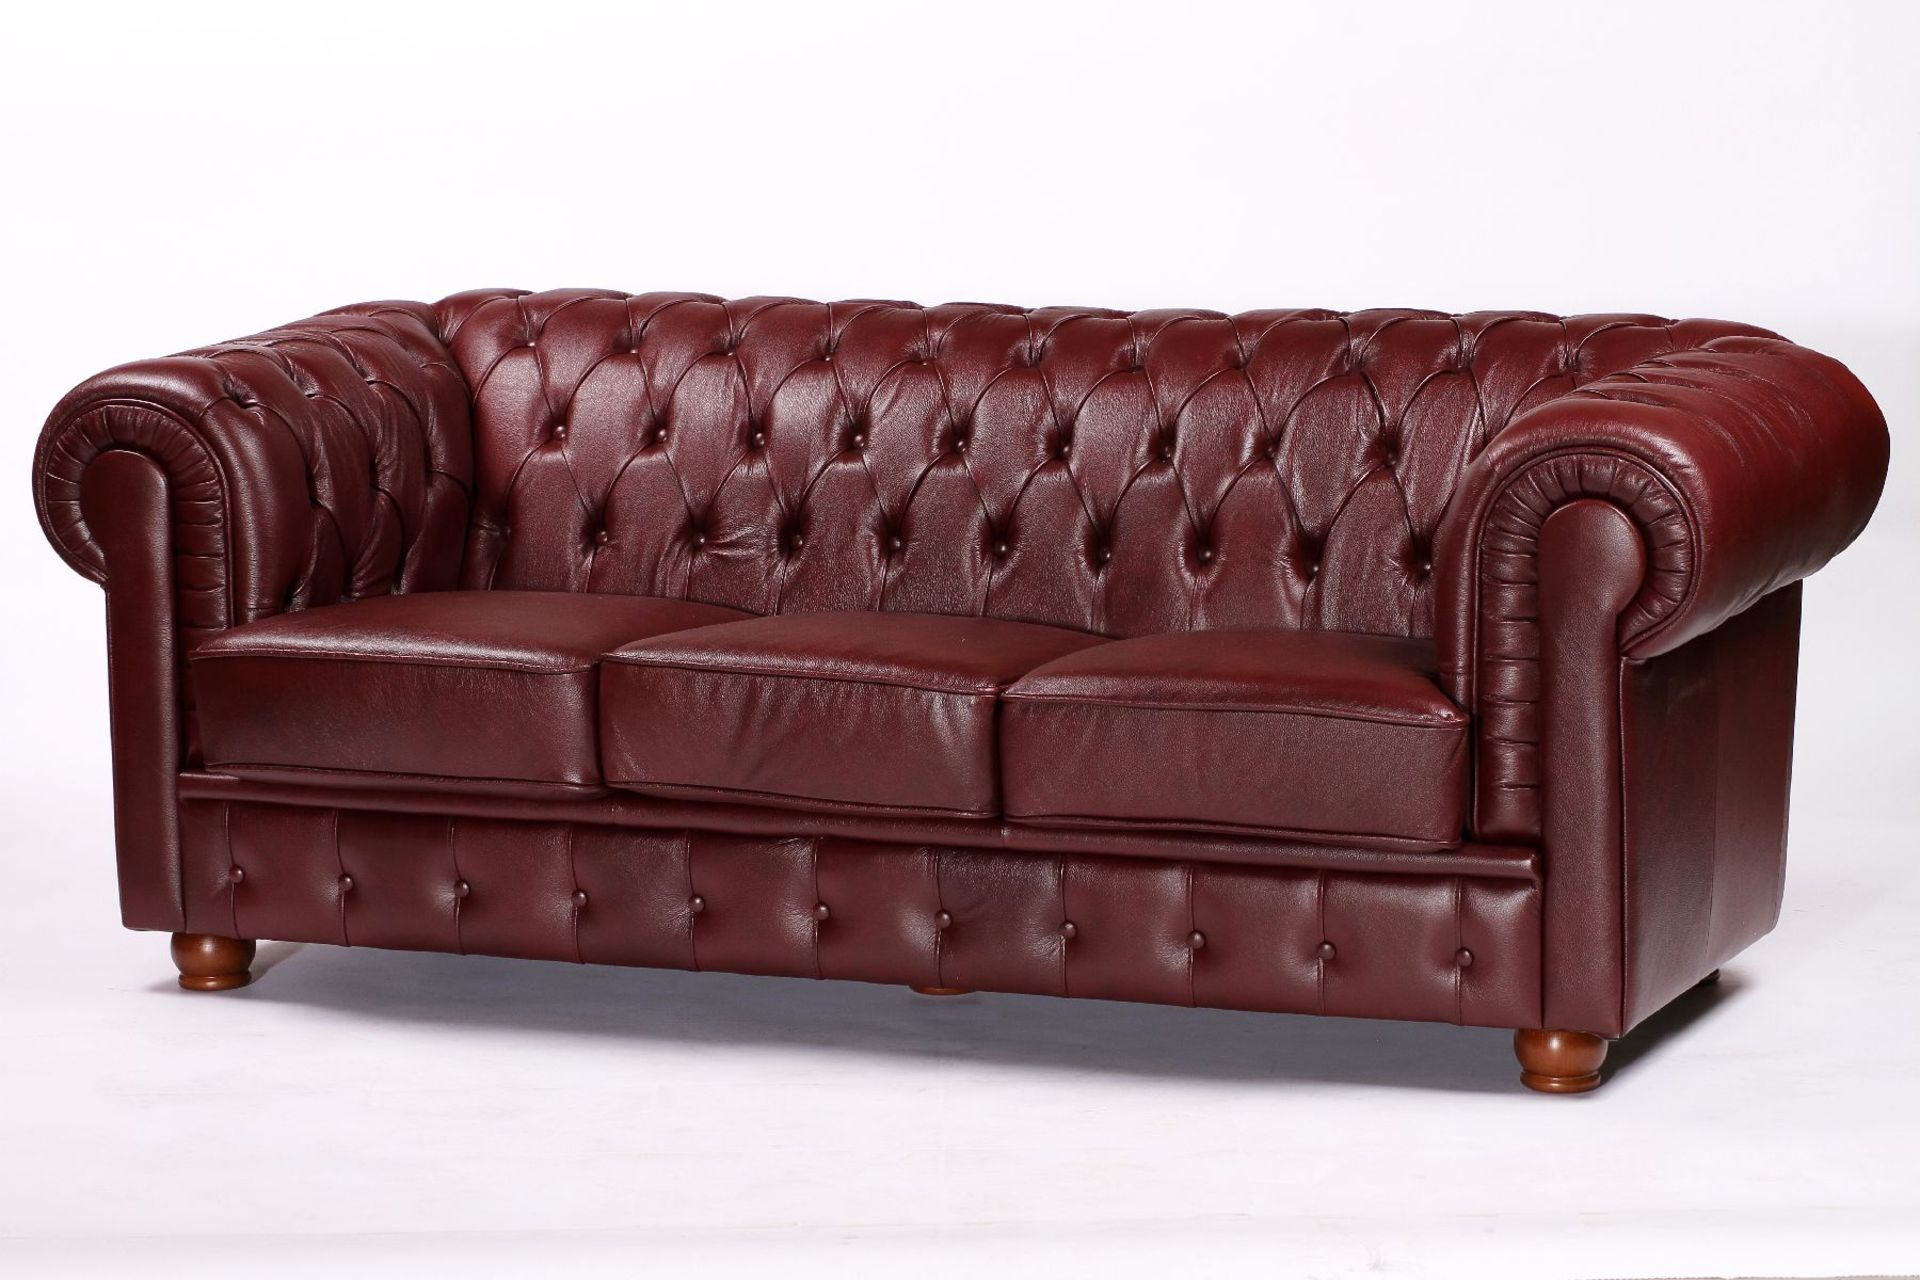 3-Sitzer Sofa, im Chesterfield-Stil, ausgesuchtes - Image 2 of 3